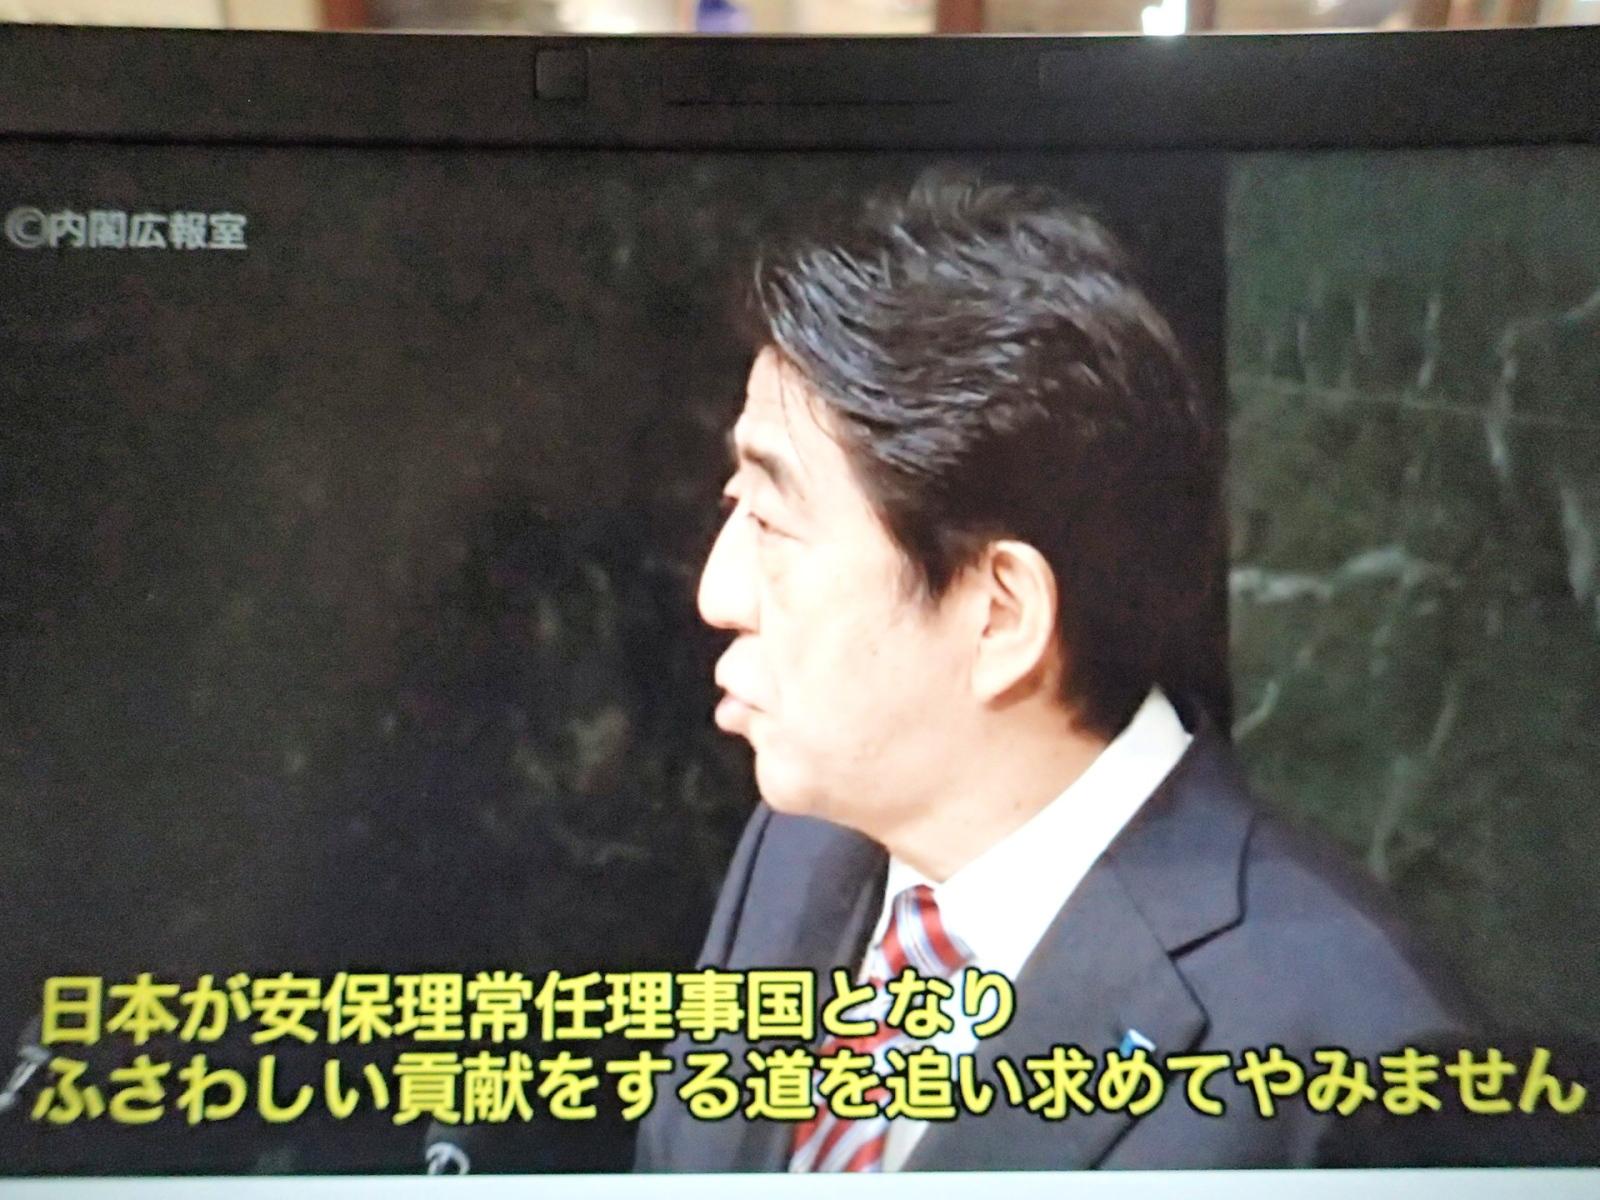 安倍首相の国連演説